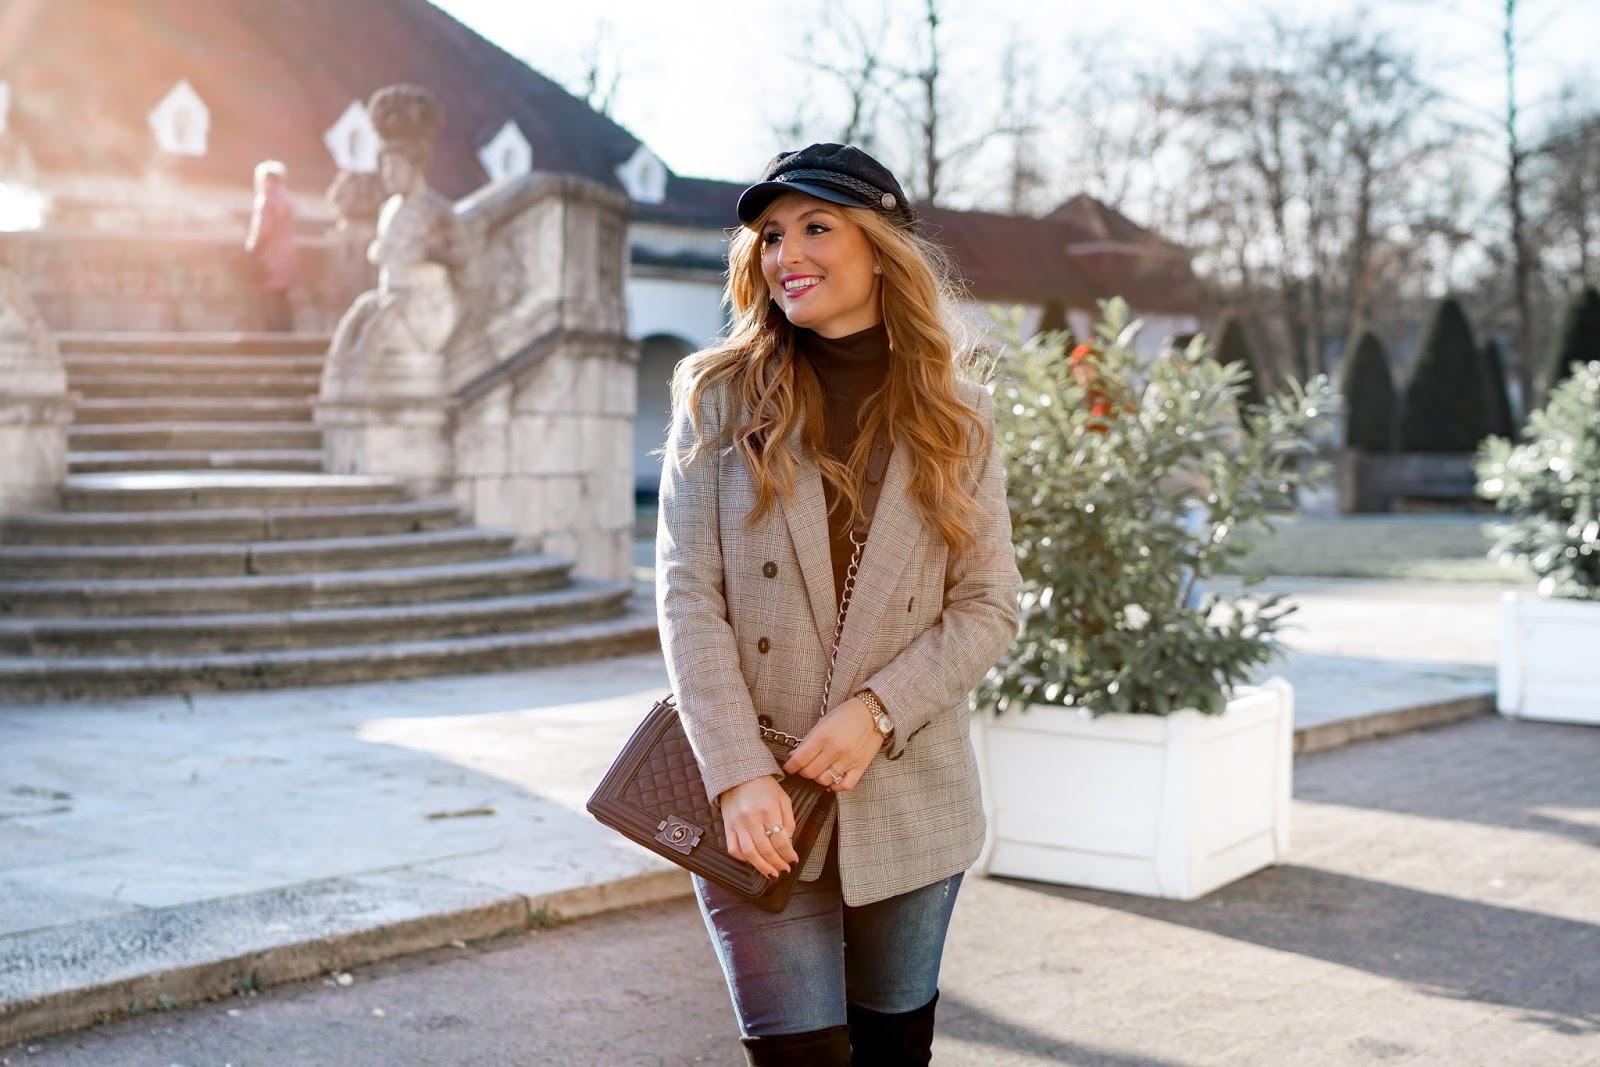 Schiffermütze-kappe-hut-trends-Chanel-boybag-chanel-tasche-Stusart-weitzmann-stiefel-Stuart-weitzmann-overknees-Karo-Blazer-H&M-Trend-Schiffermütze-fashionblogger-style-fashionstylebyjohanna-trends-2018-